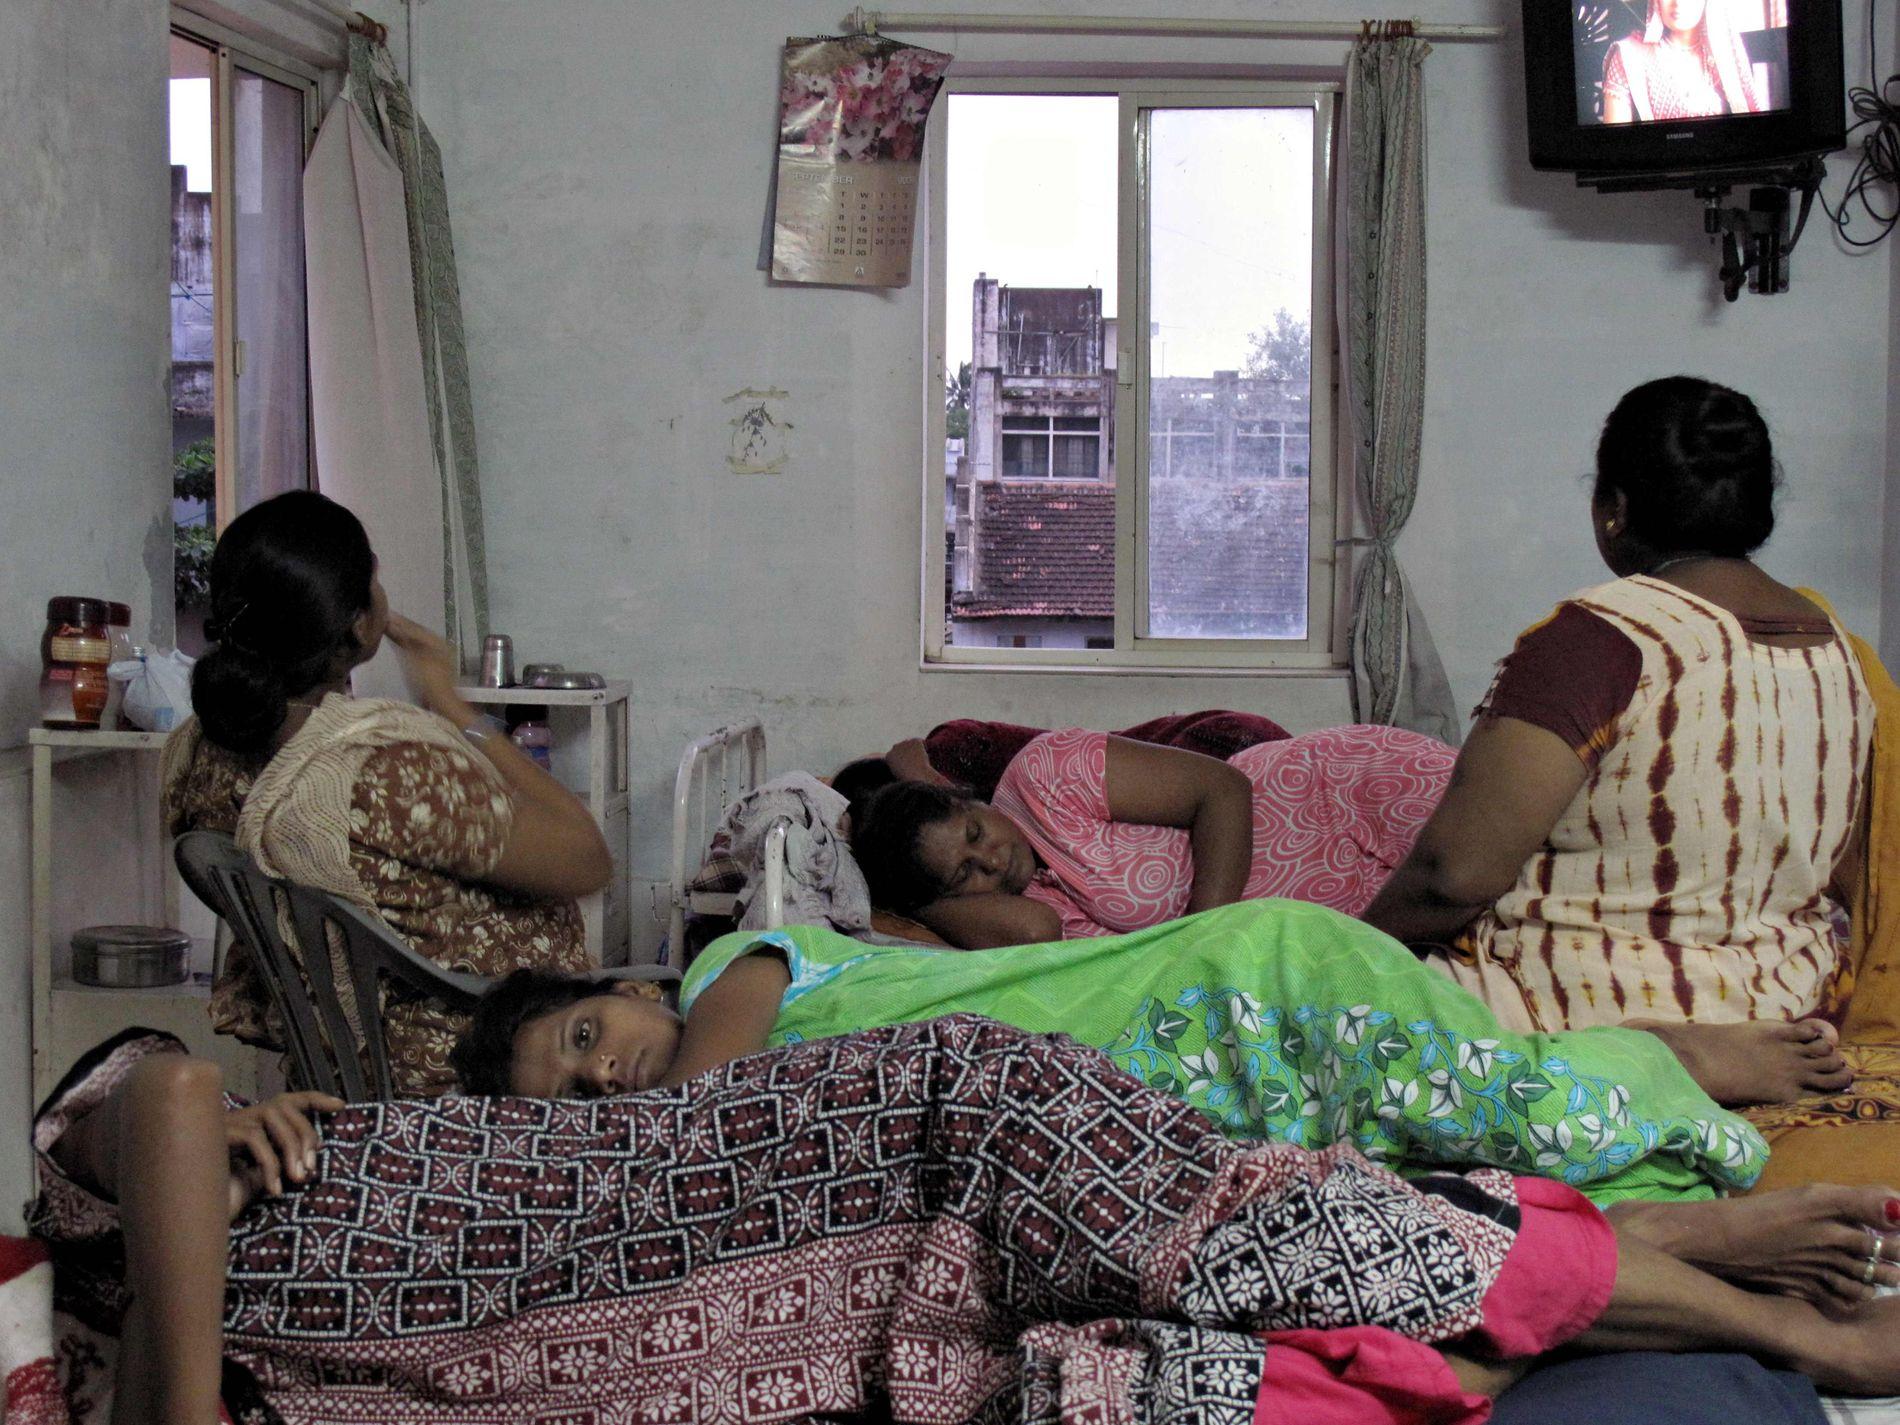 FØDER FOR ANDRE: Indiske surrogatmødre bor gjerne på mødrehjem mens de venter på å føde vestlige barn mot betaling. Bildet er tatt i Anand i India i 2009.